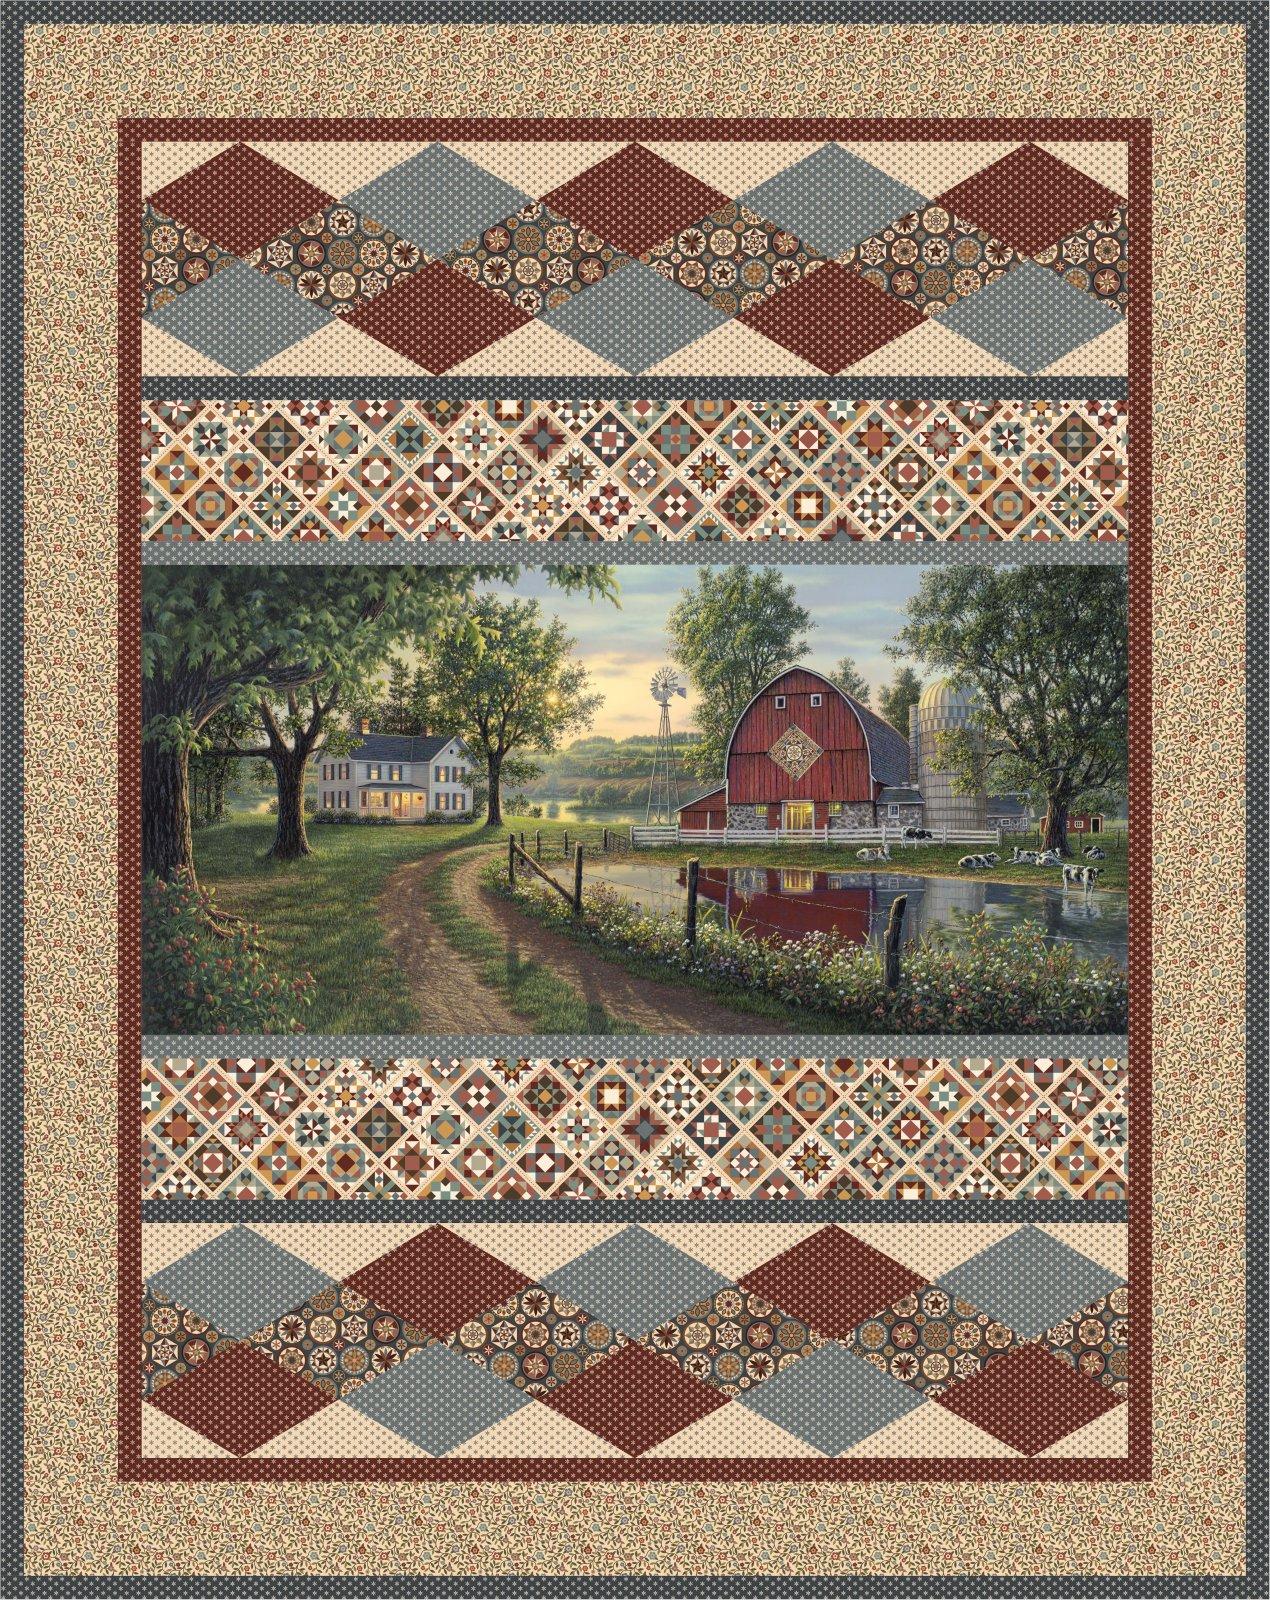 Mosaic Farm MGD 267